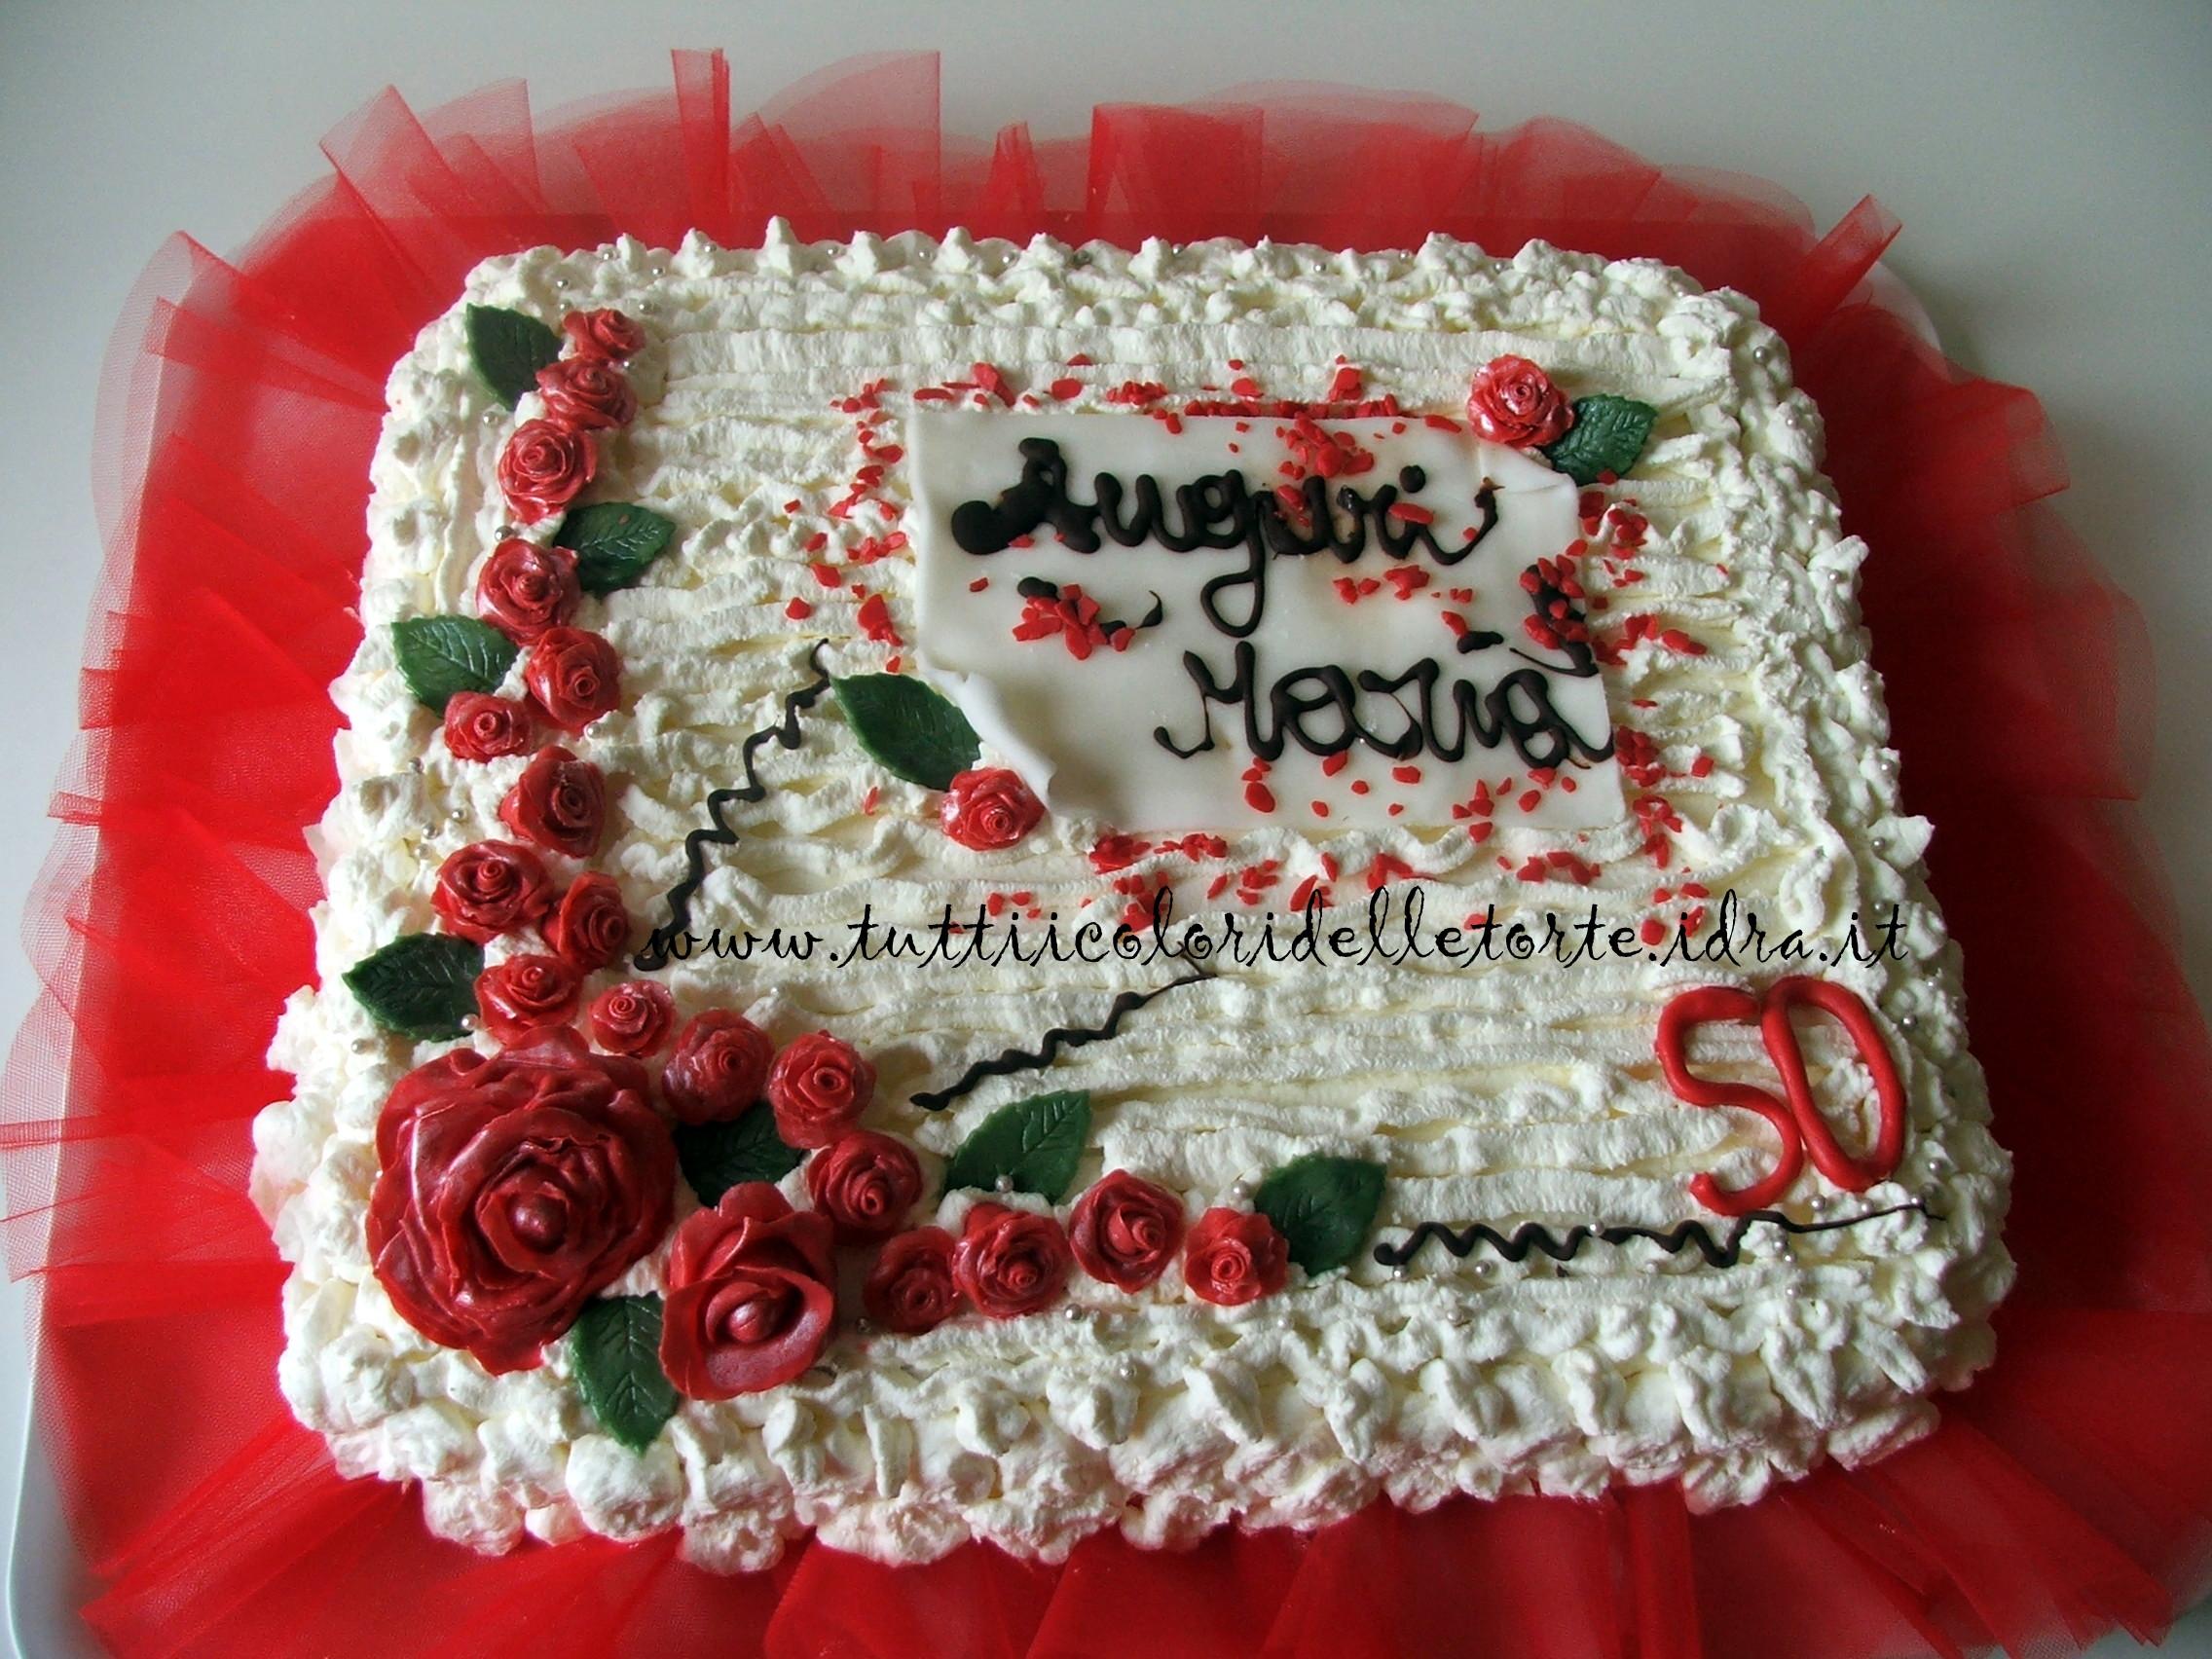 Eccezionale Torta 50 anni - Tutti i Colori delle Torte Tutti i Colori delle Torte DK23